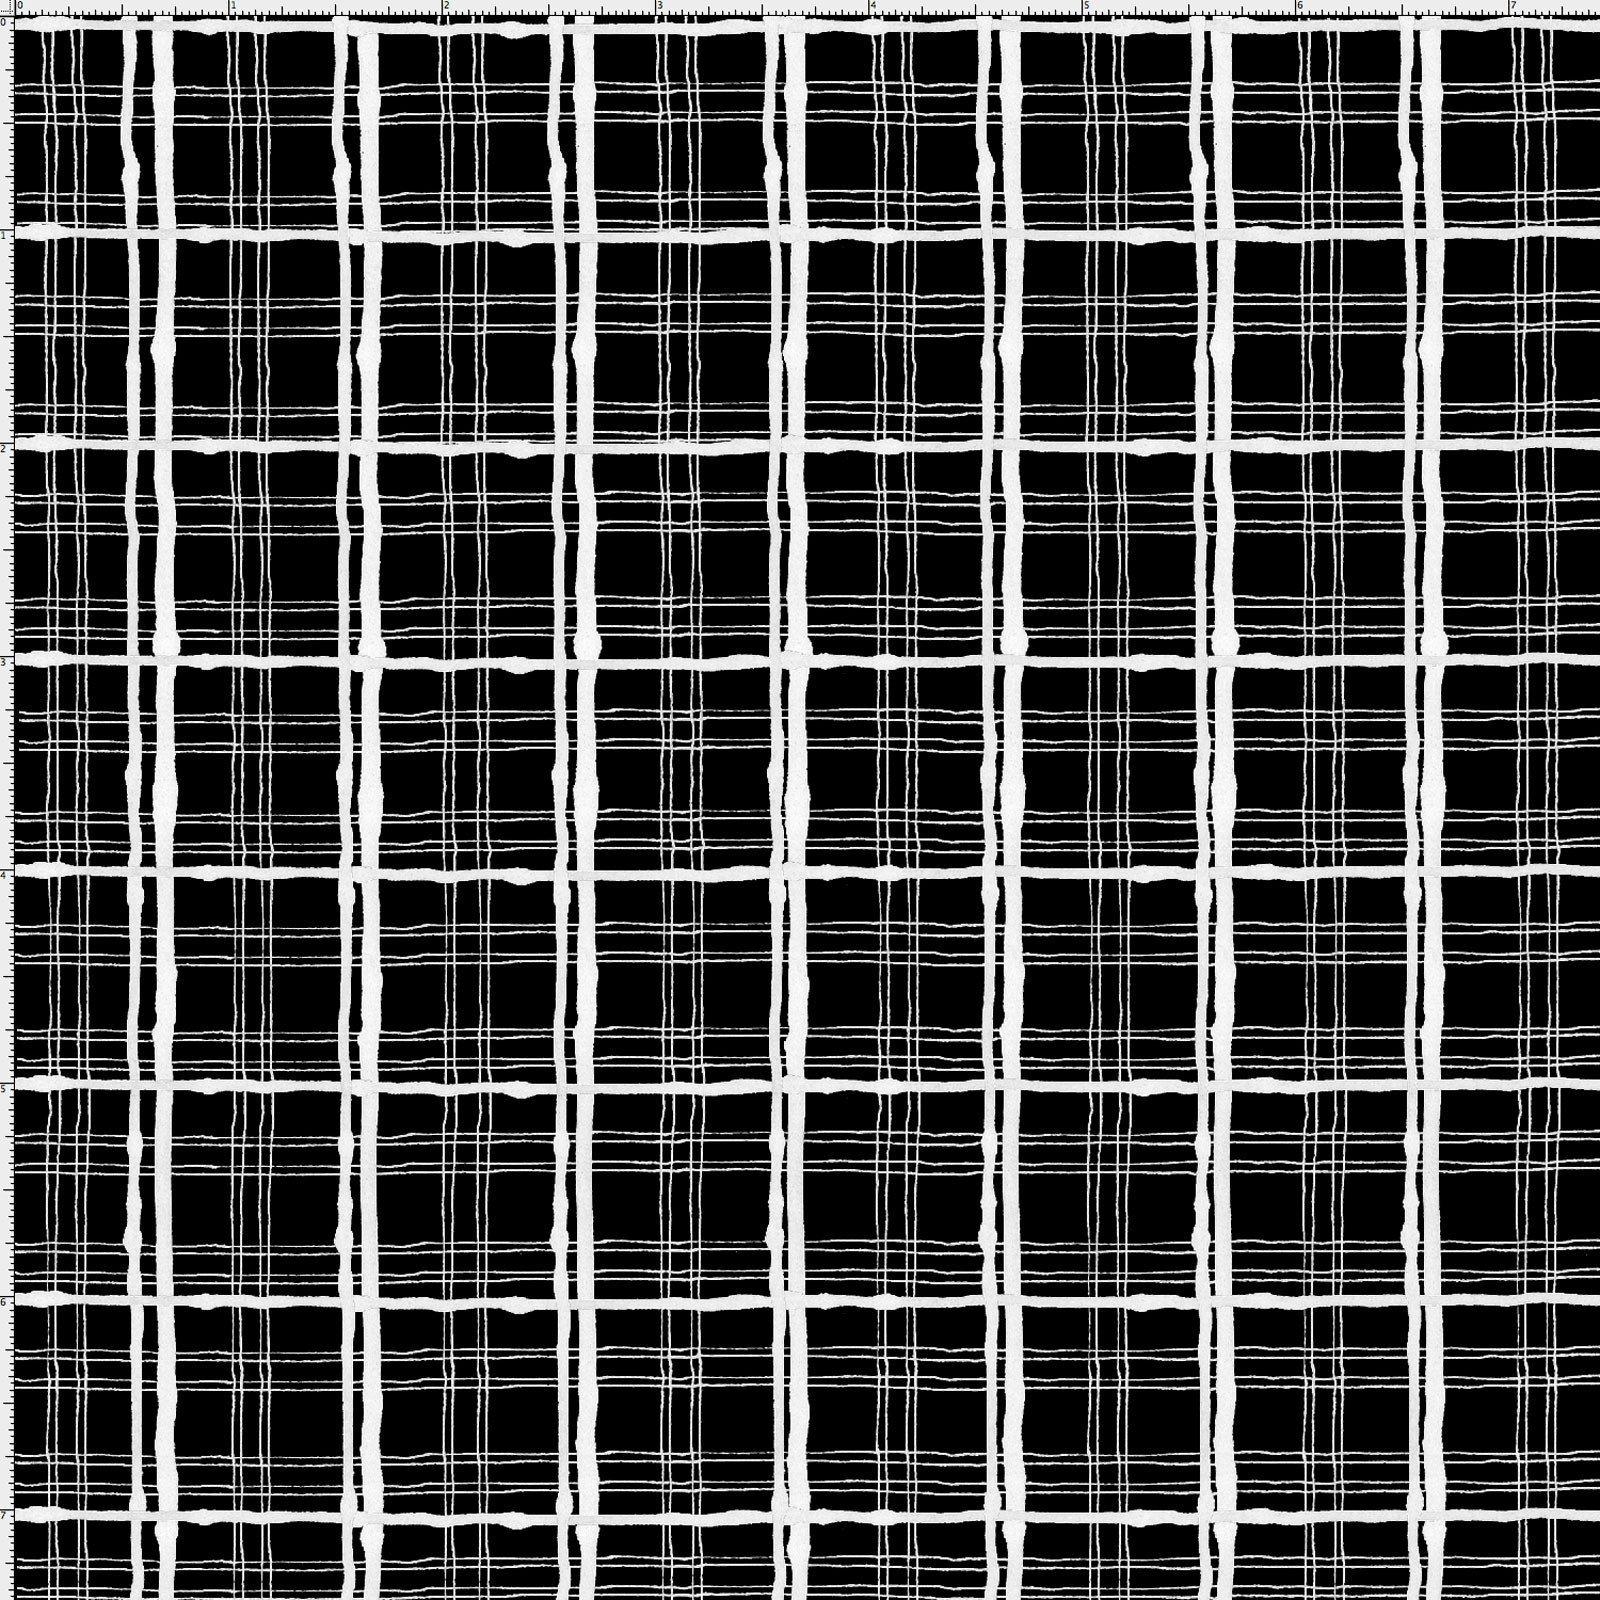 LD-Sophistiplaid Black/White 691-894